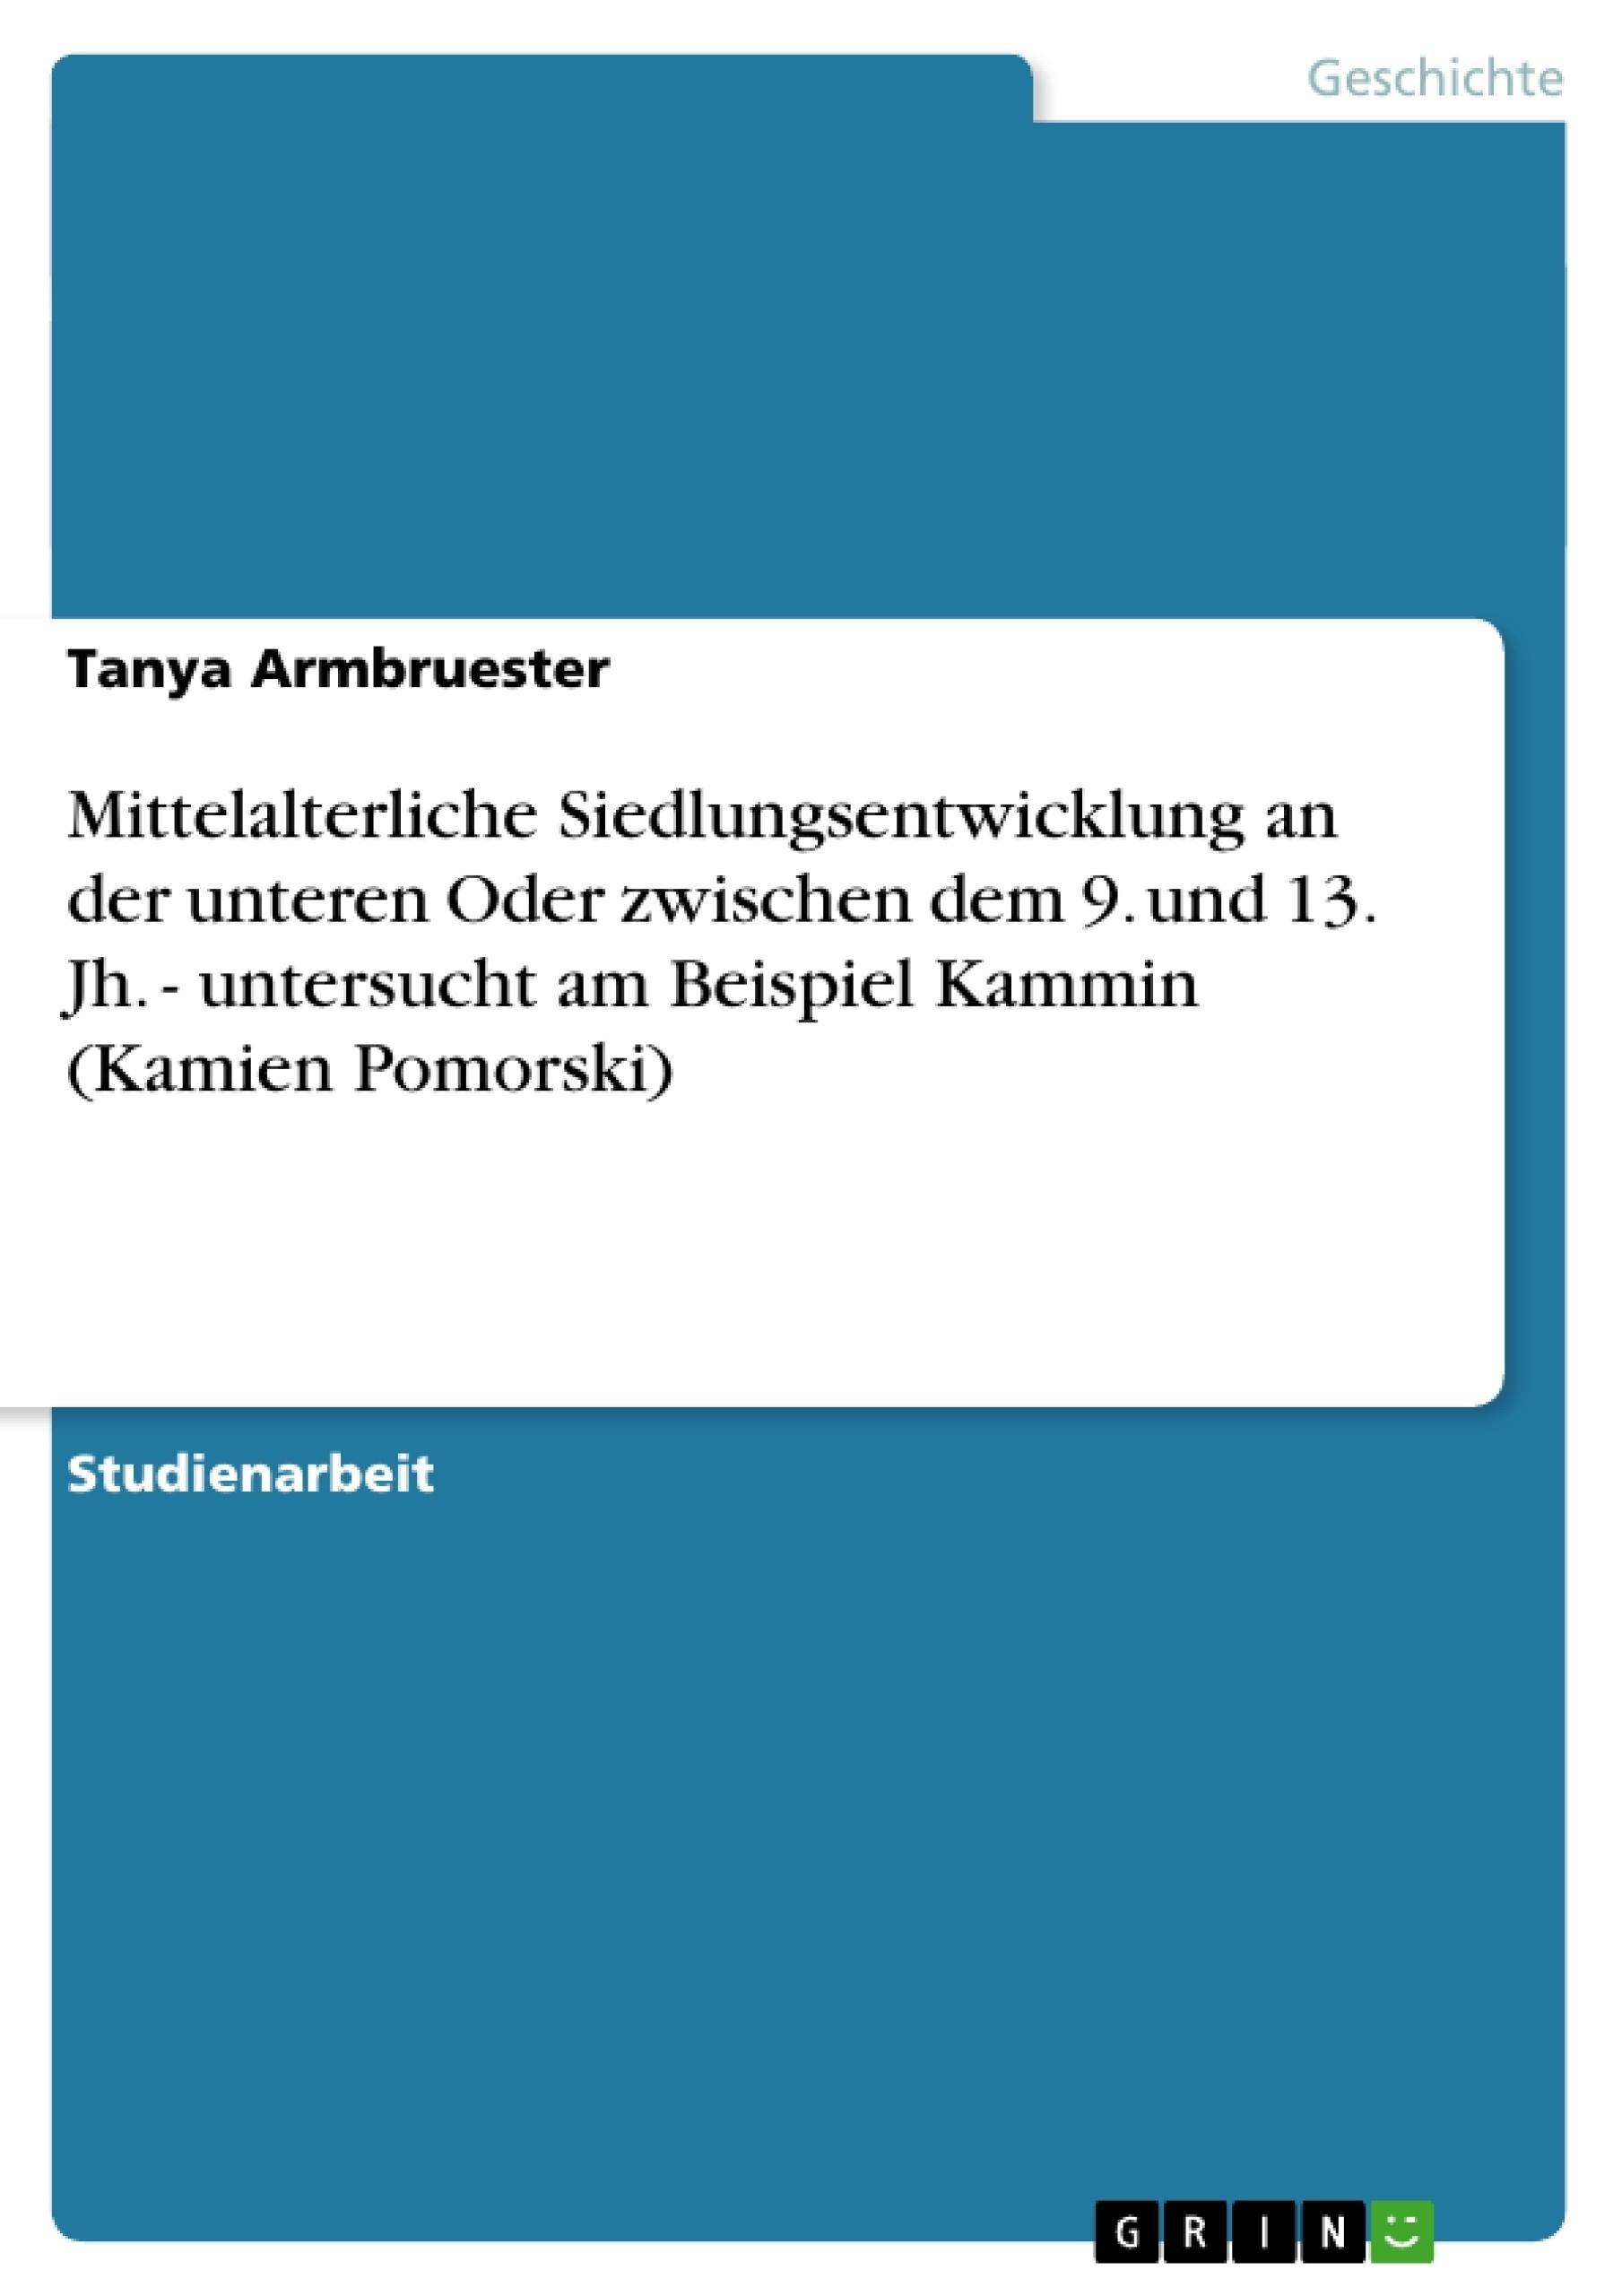 Titel: Mittelalterliche Siedlungsentwicklung an der unteren Oder zwischen dem 9. und 13. Jh. - untersucht am Beispiel Kammin (Kamien Pomorski)